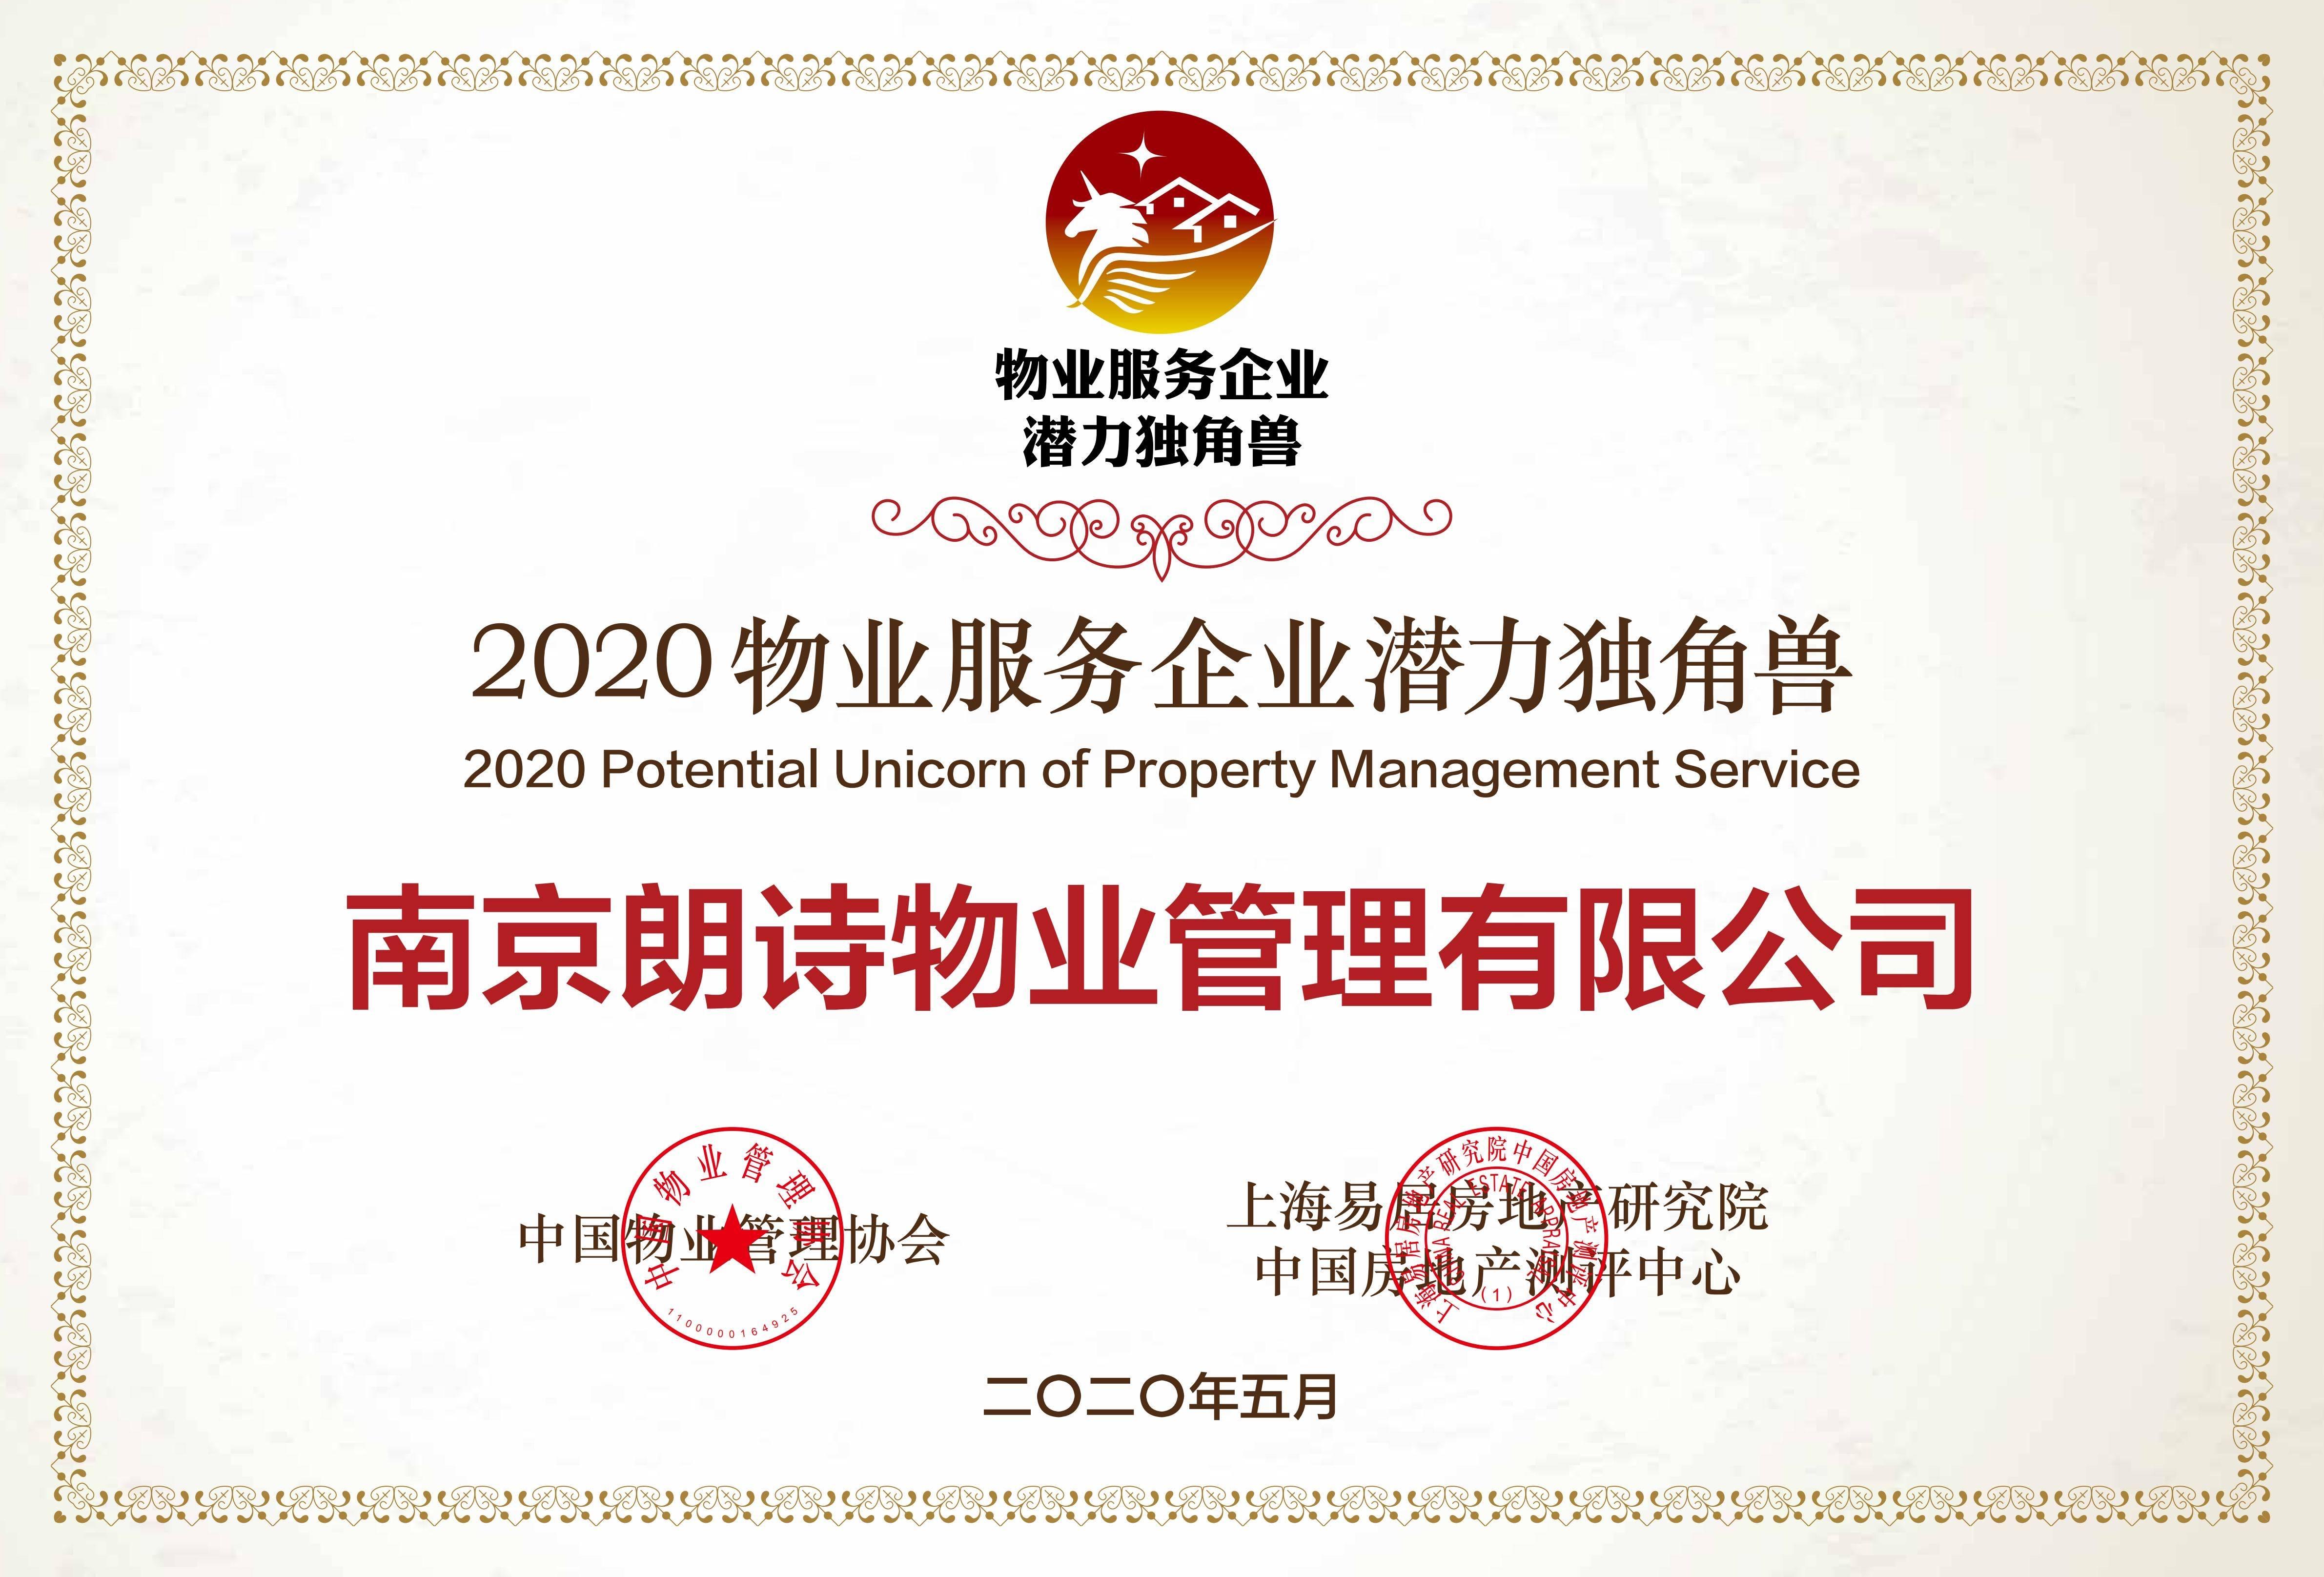 朗诗绿色生活获2020物业服务企业潜力独角兽、2020中国物业企业资本关注度十强